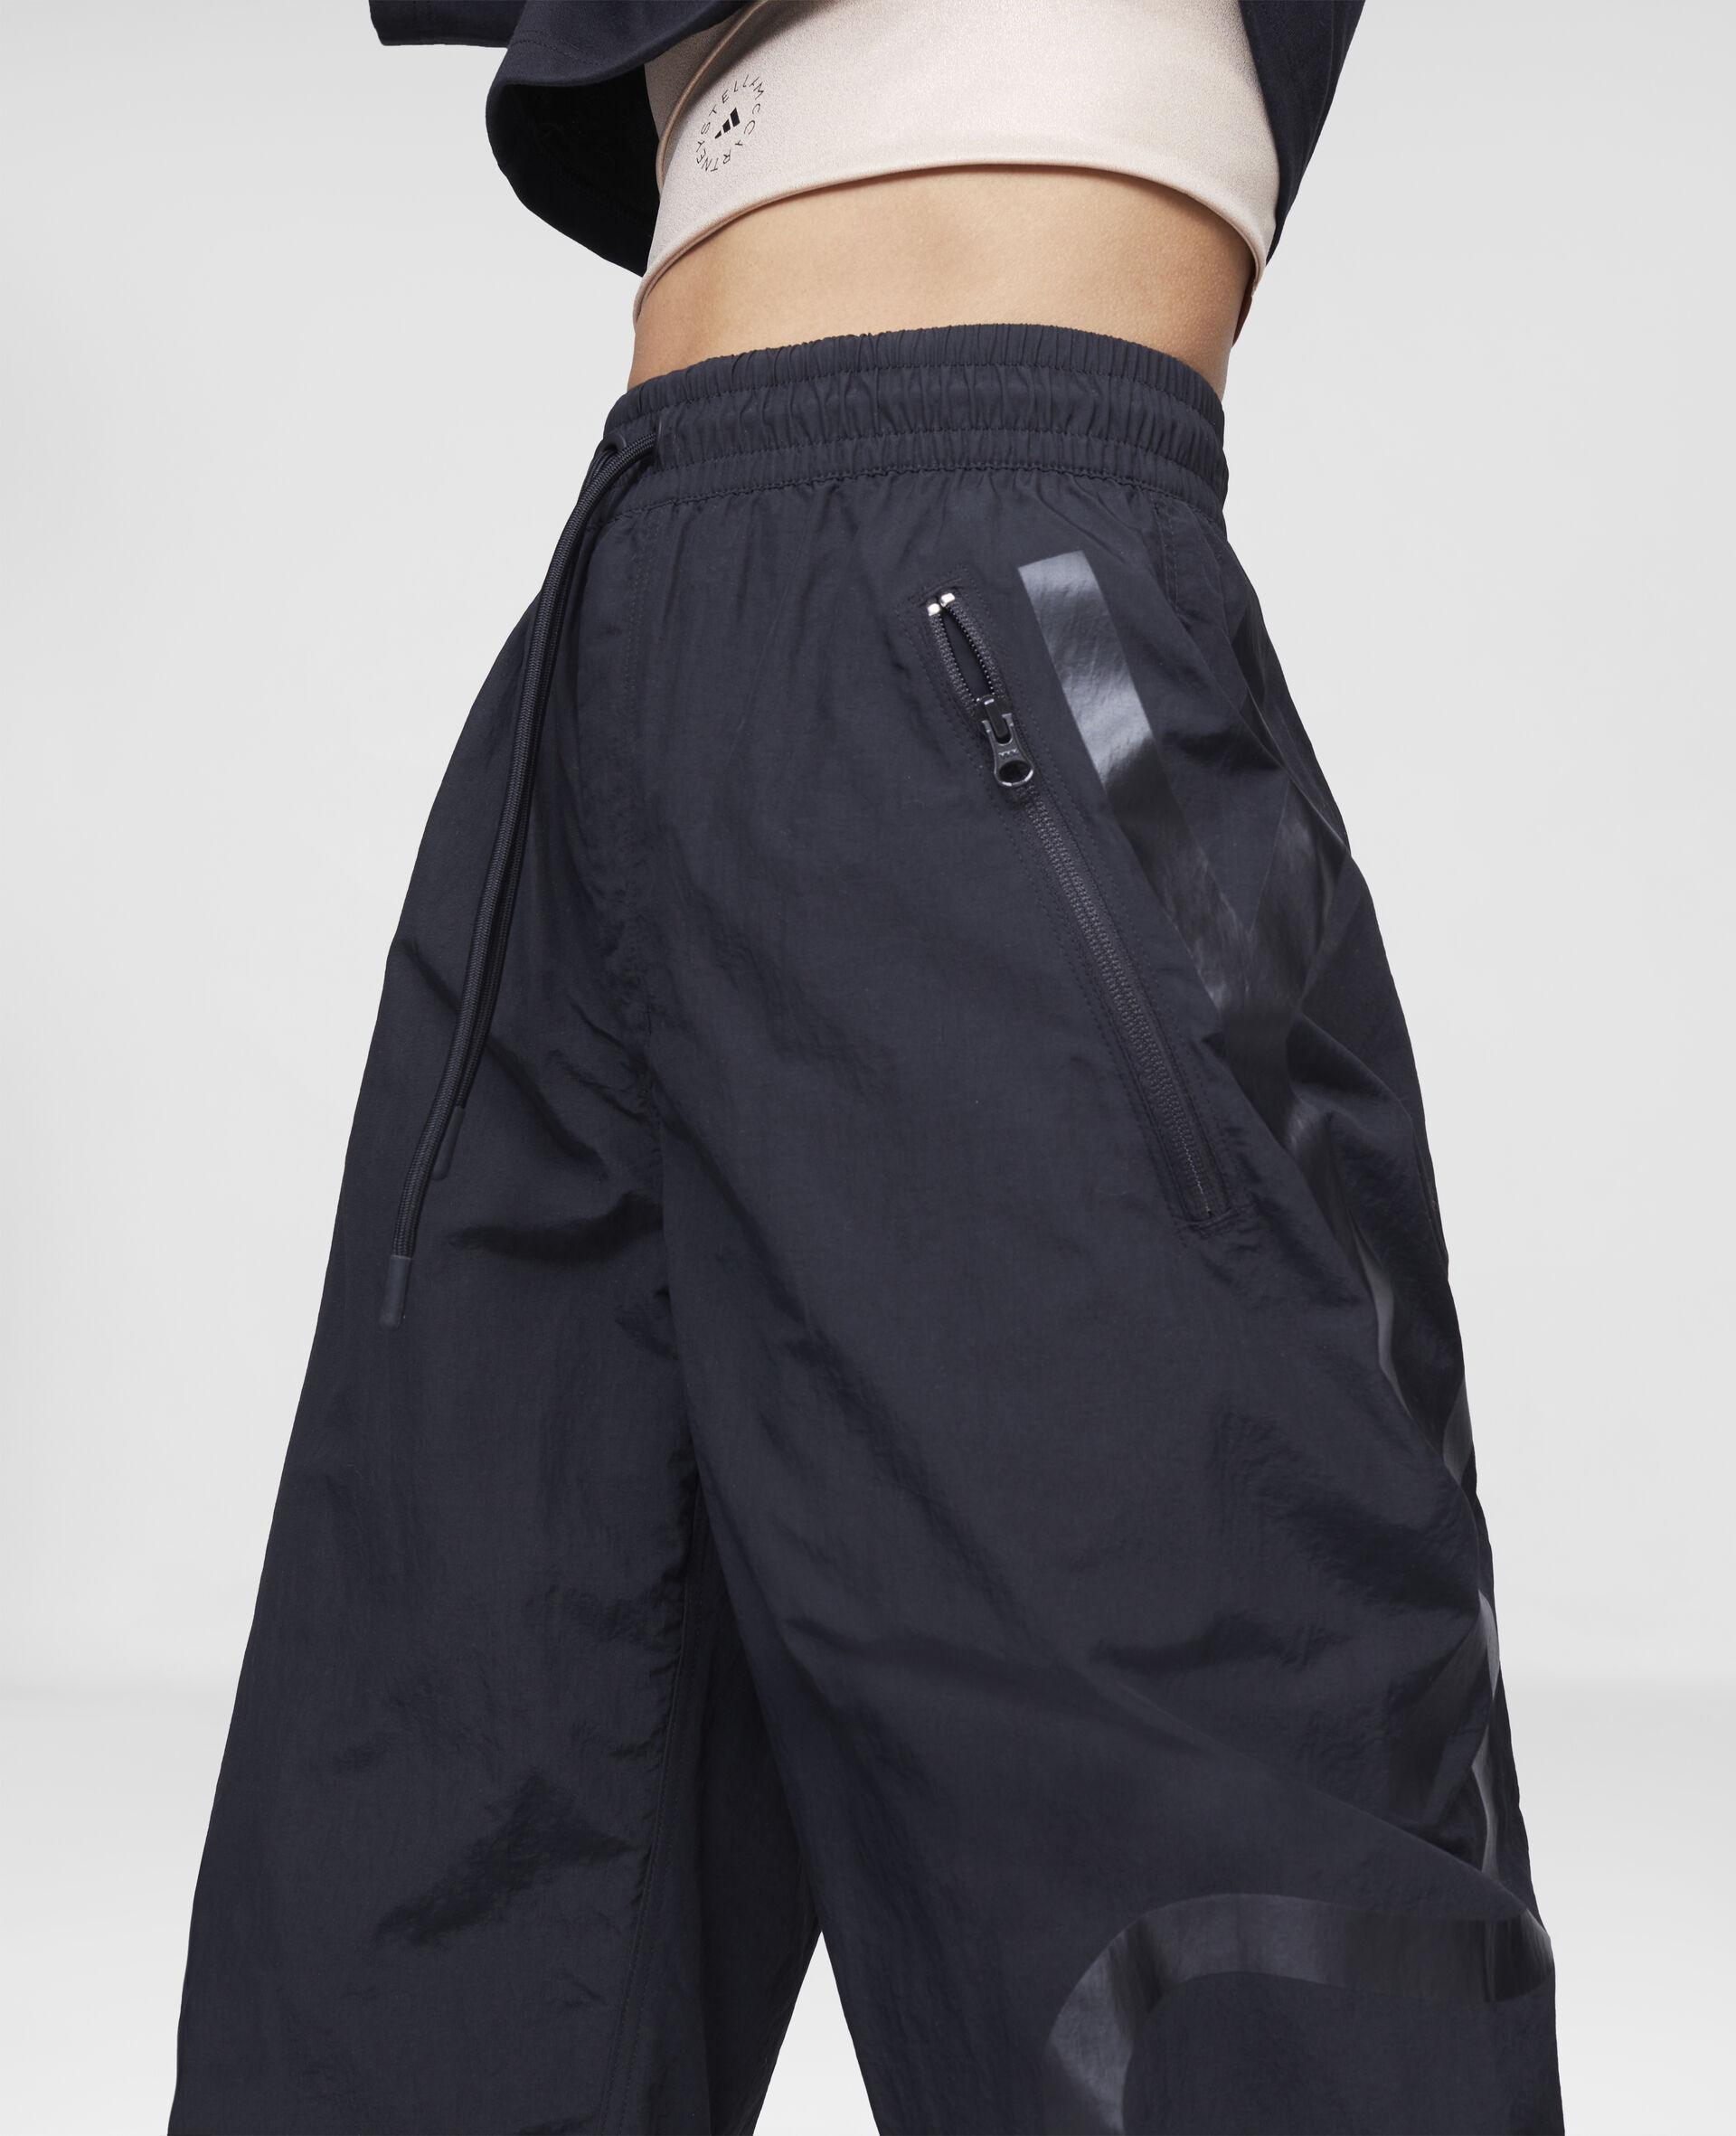 Pantalon d'entraînement noir Woven-Noir-large image number 3